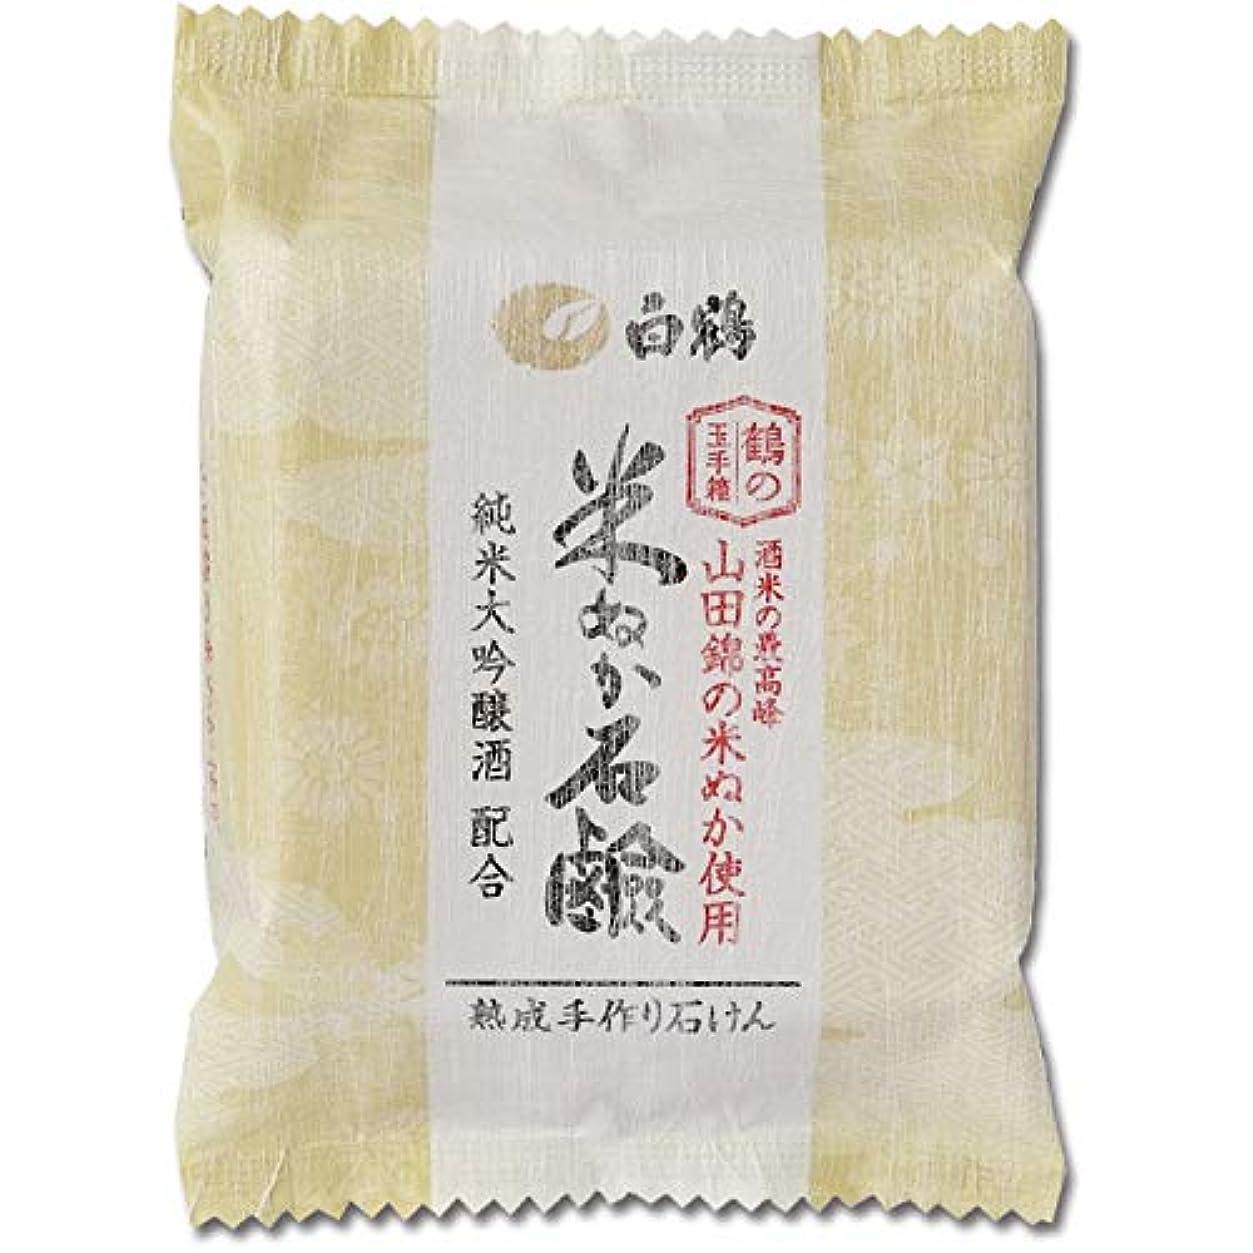 白鶴 鶴の玉手箱 米ぬか石けん 100g (全身用石鹸)